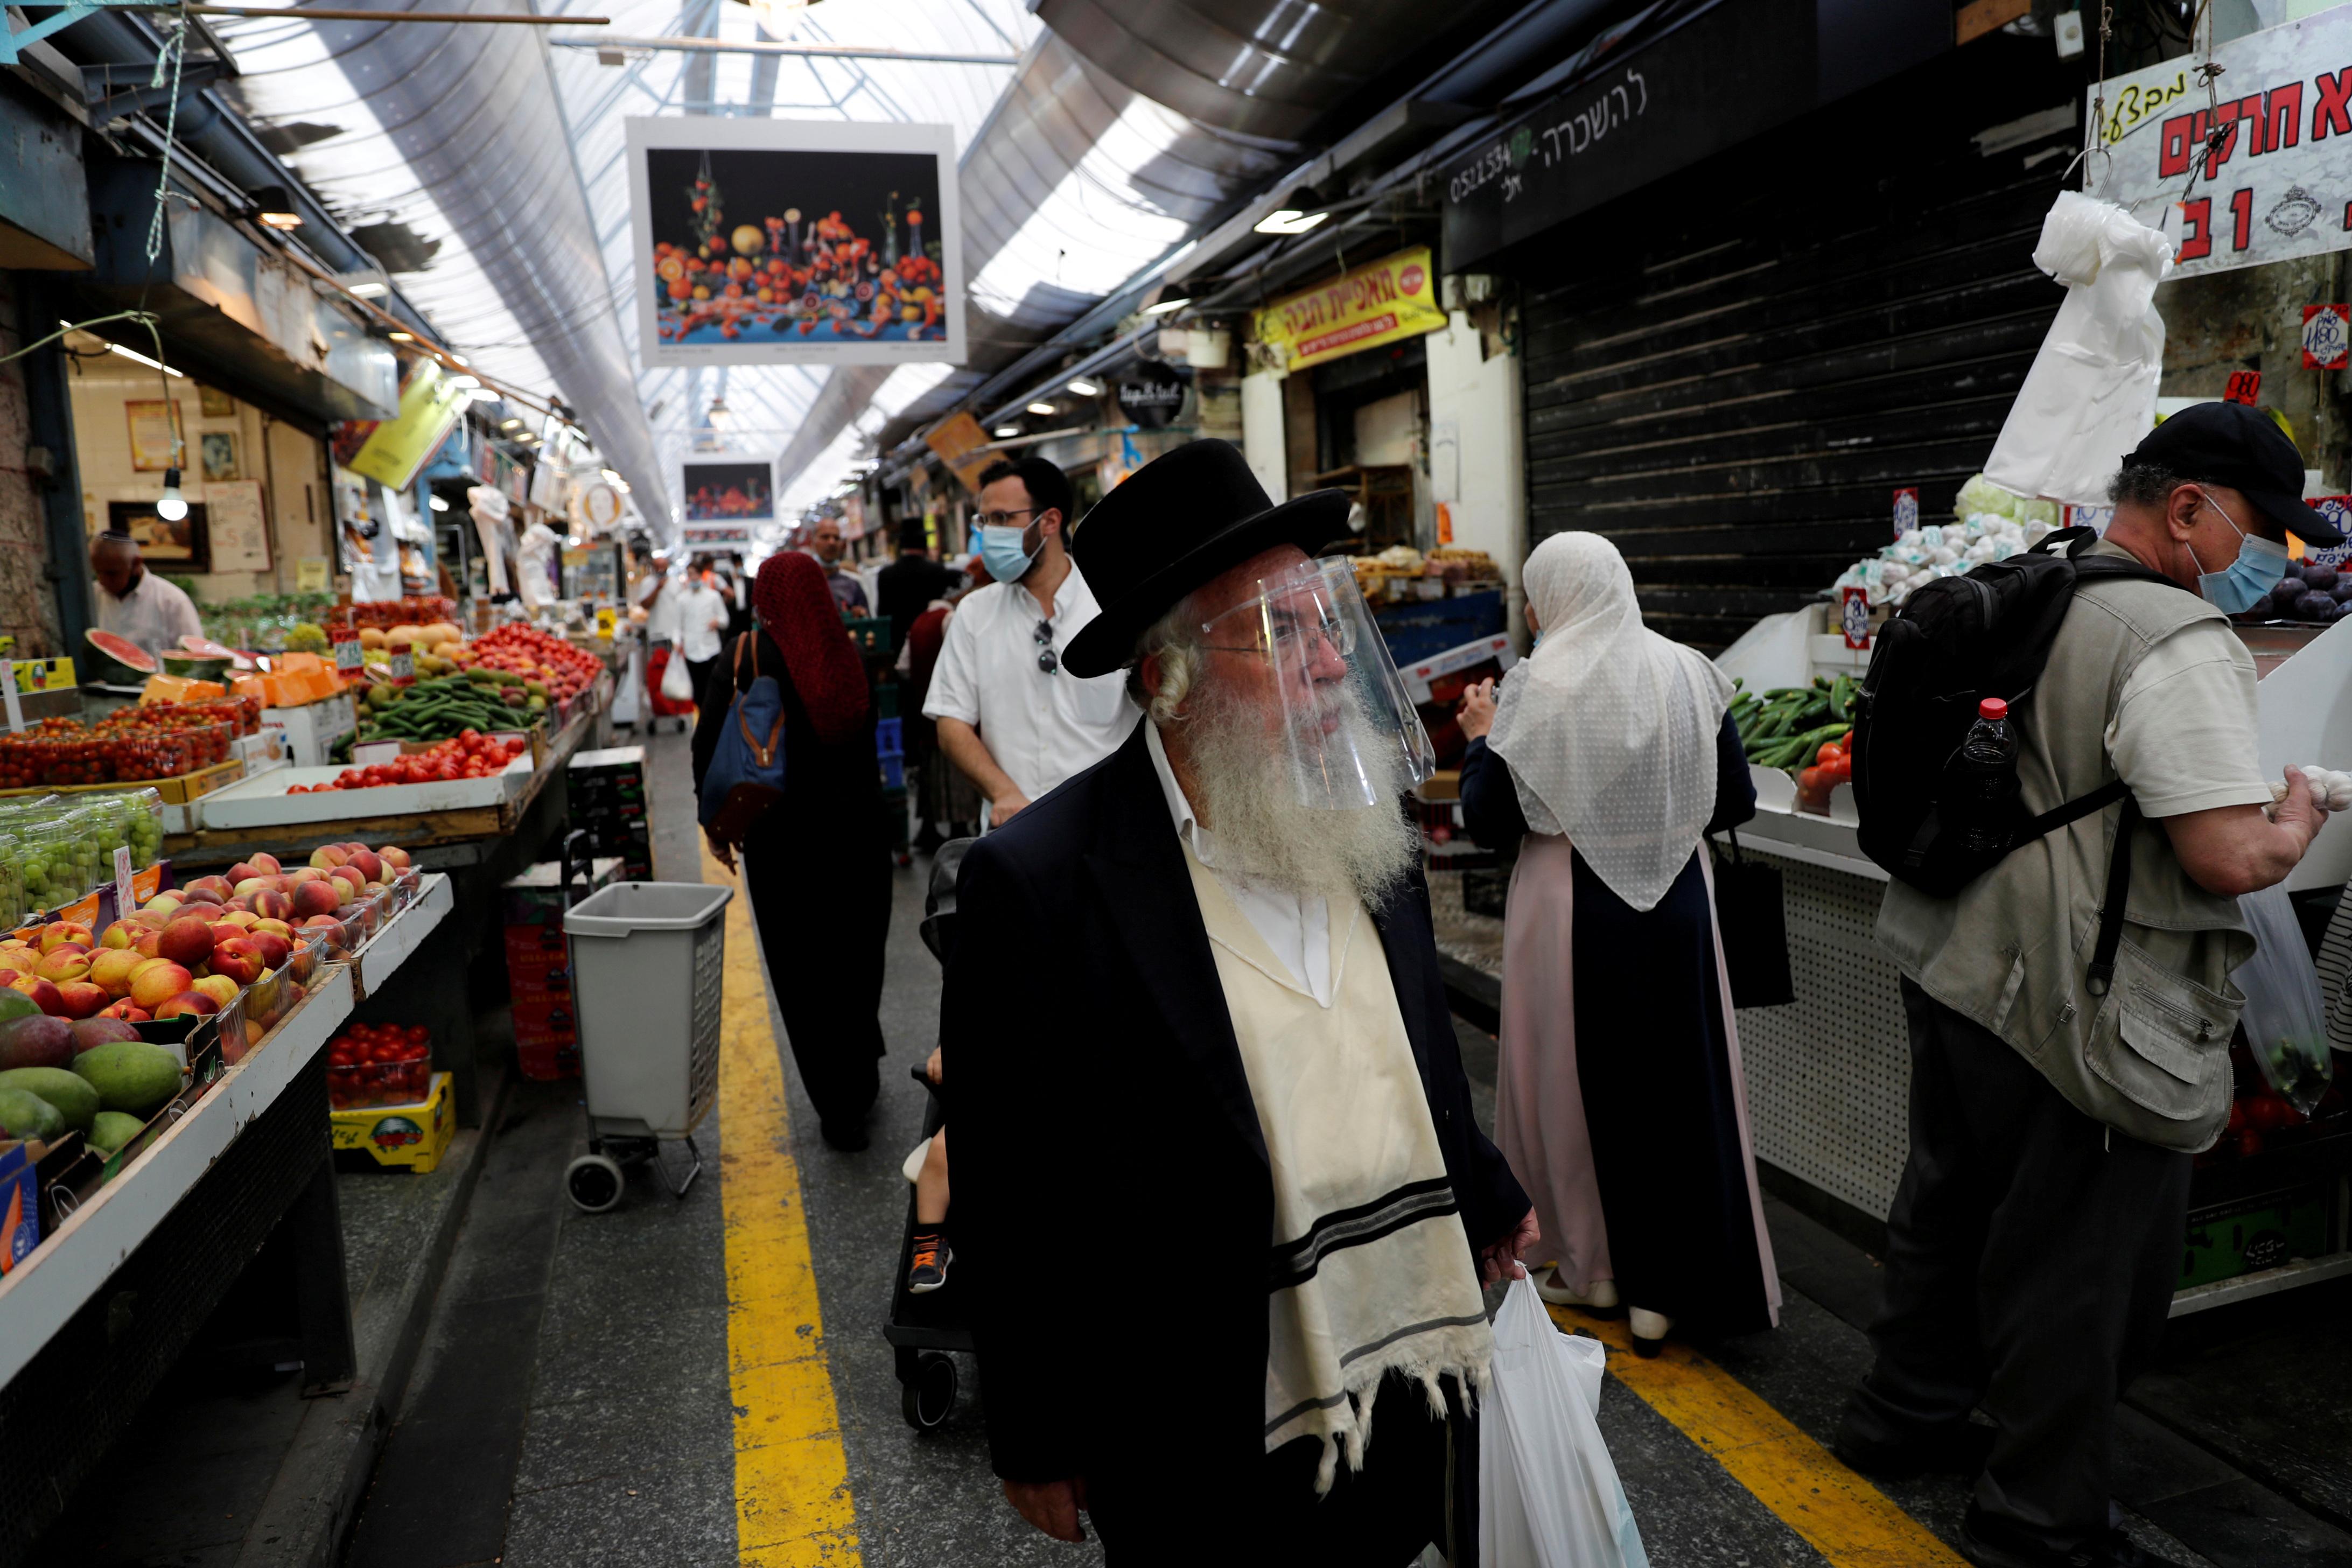 以色列7月再次爆发疫情。图示耶路撒冷居民到市场采买日用品时都戴上口罩或面罩。-路透社-